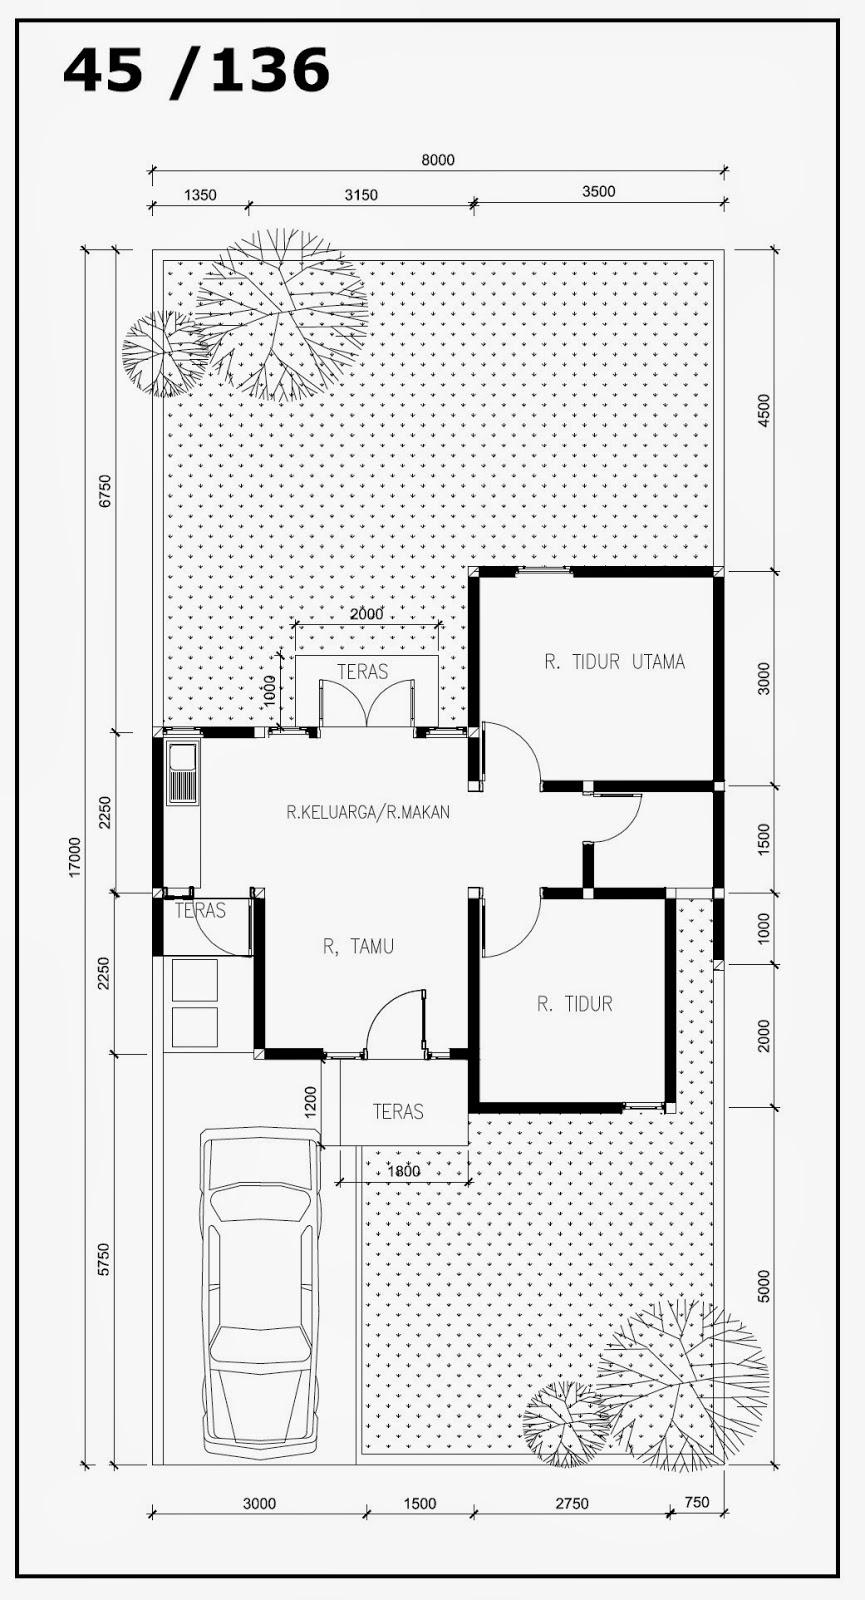 denah-ruang-jasmine-1-45-136